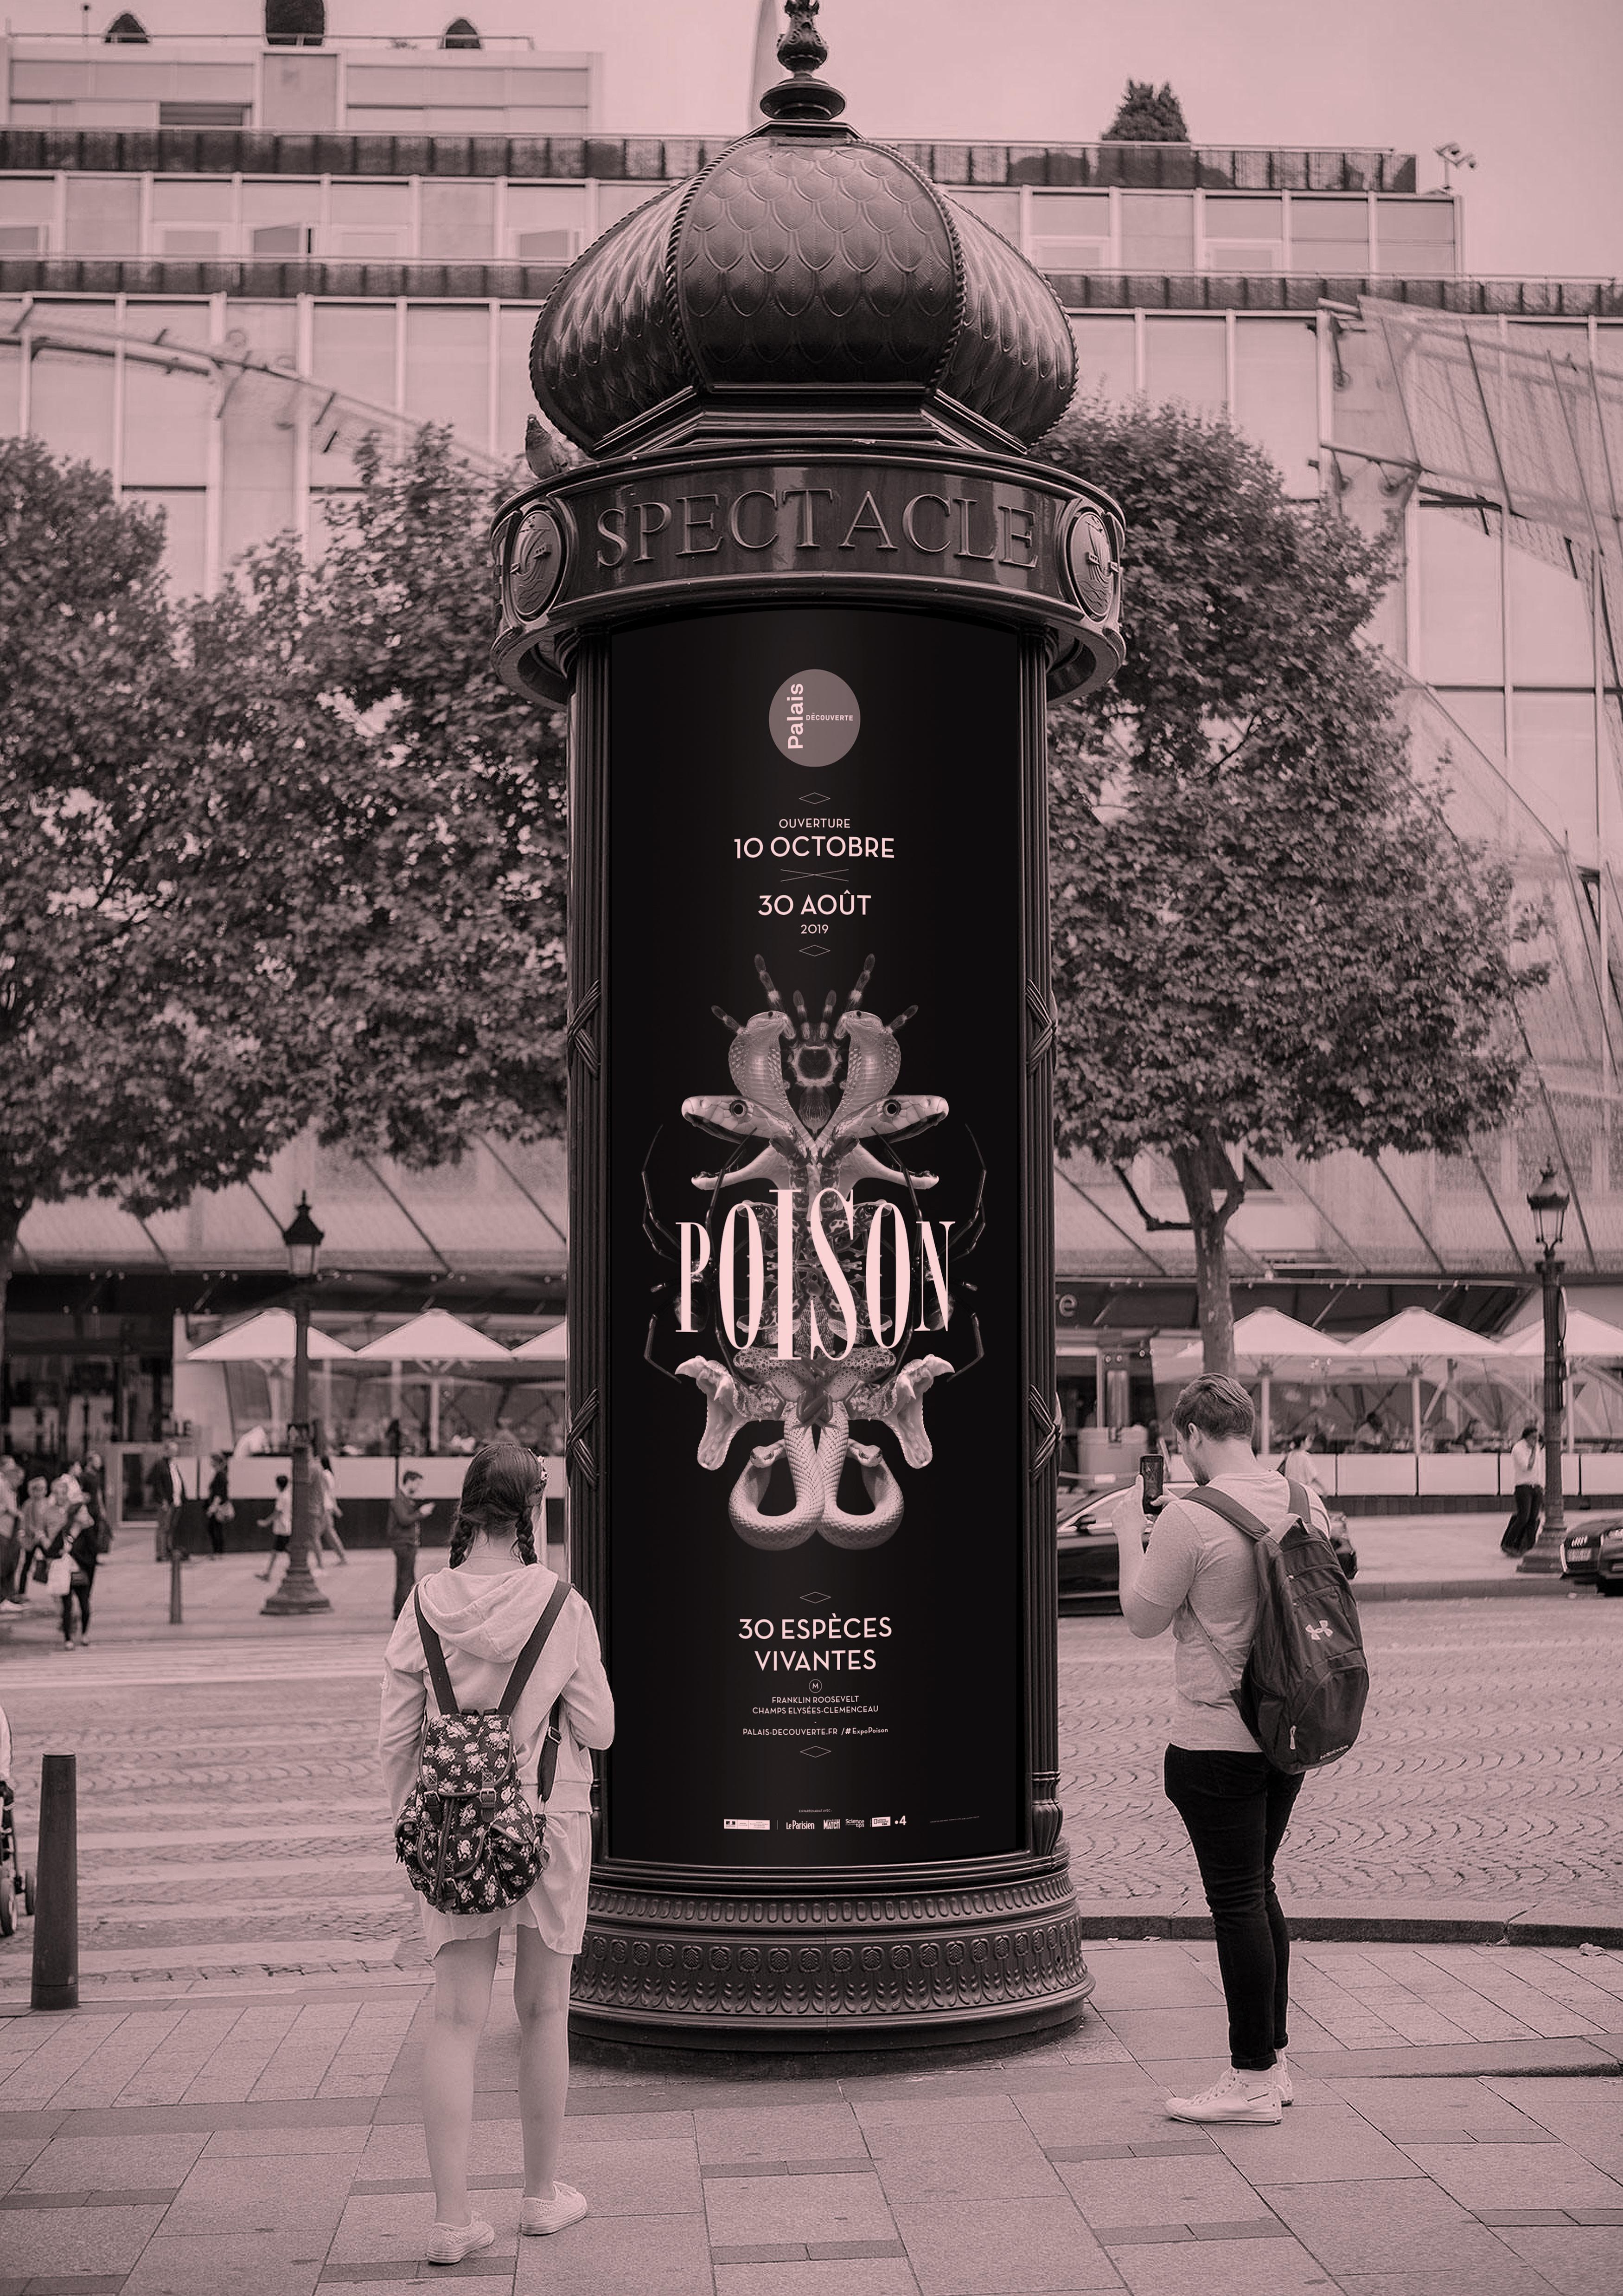 POISON-THOMAS-DIMETTO-PALAIS-DE-LA-DECOUVERTE-MAURICE copie